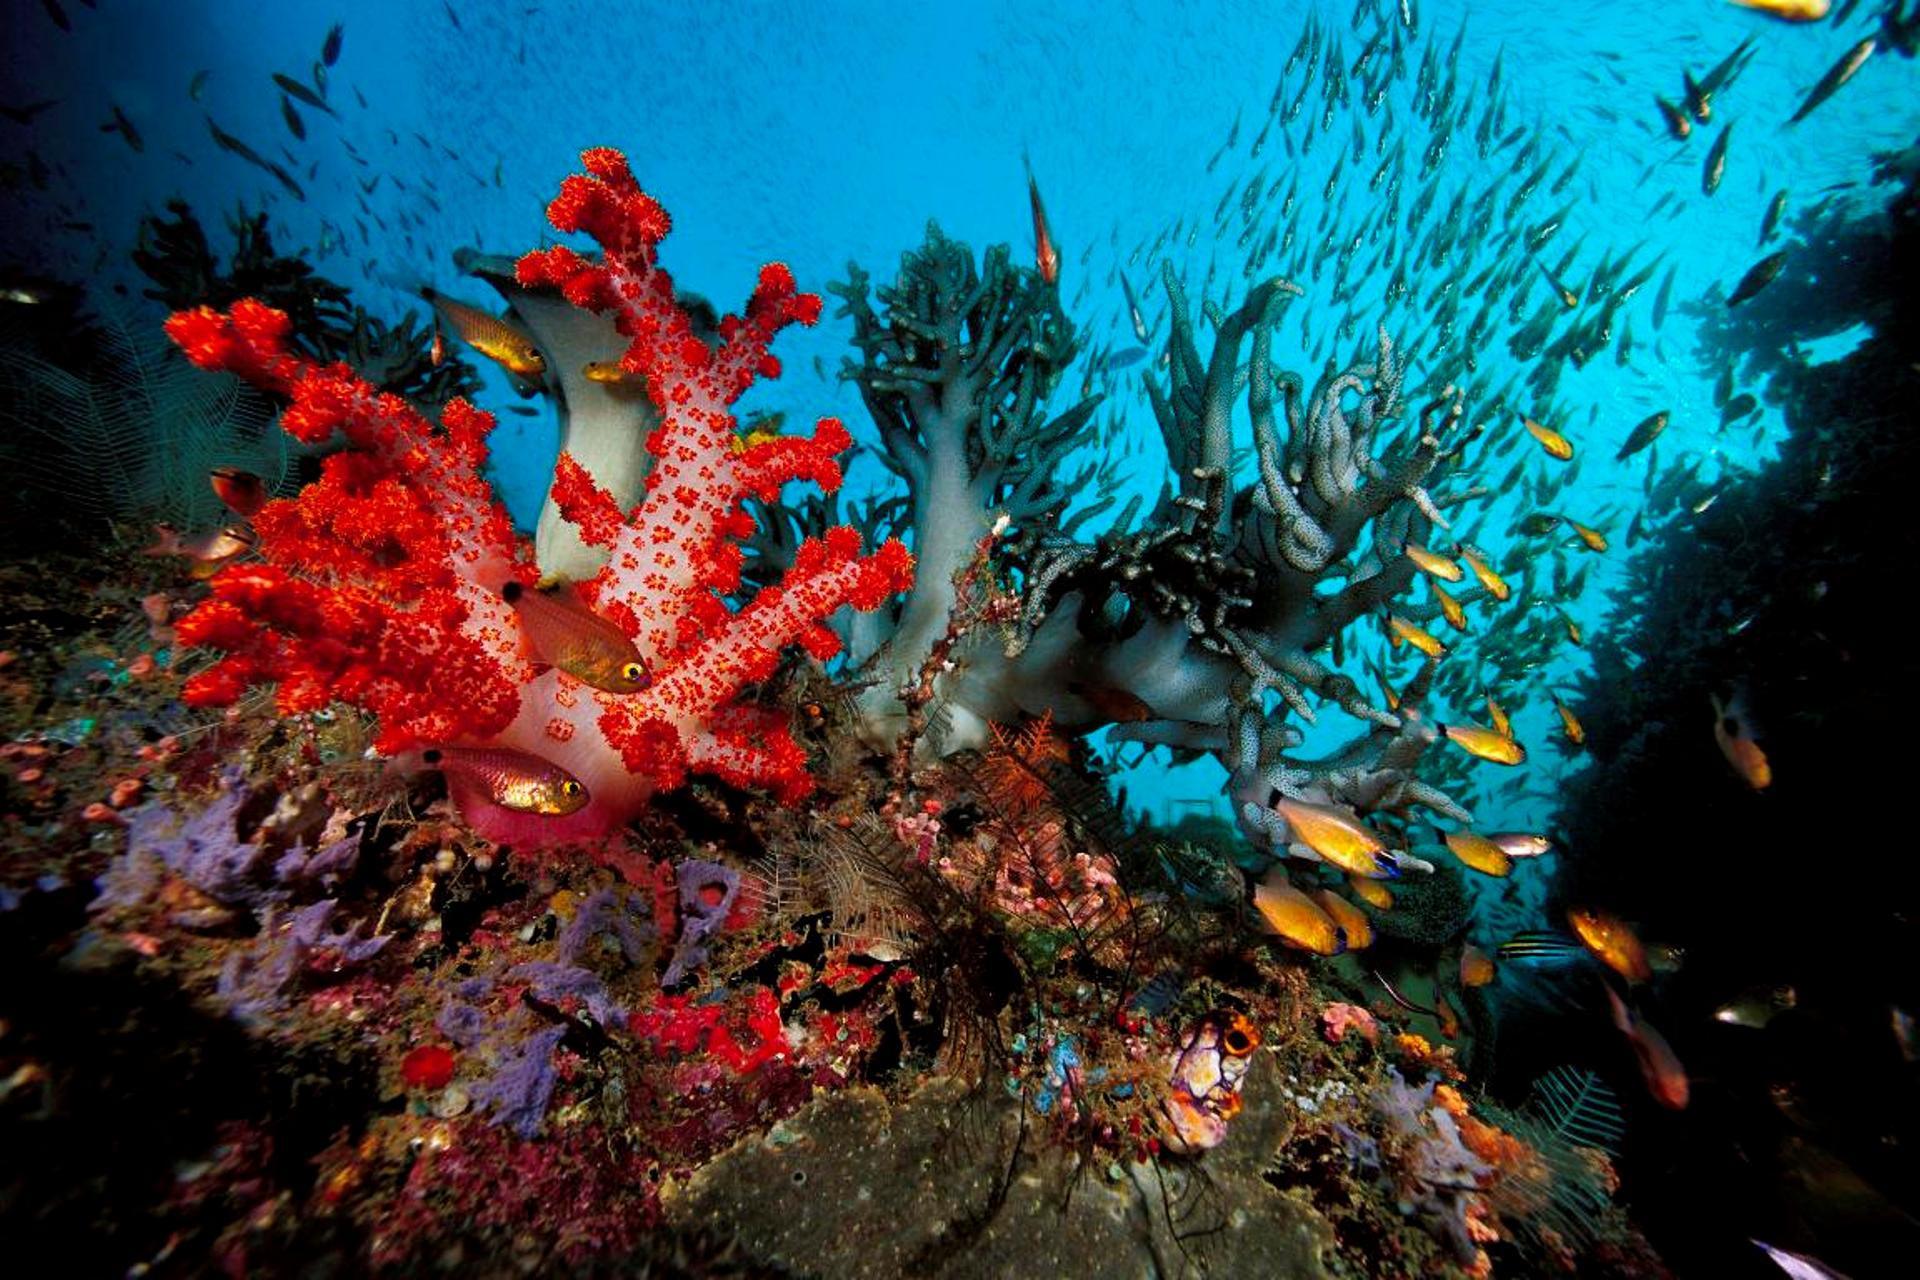 Hình ảnh san hô dưới đáy biển đẹp nhất